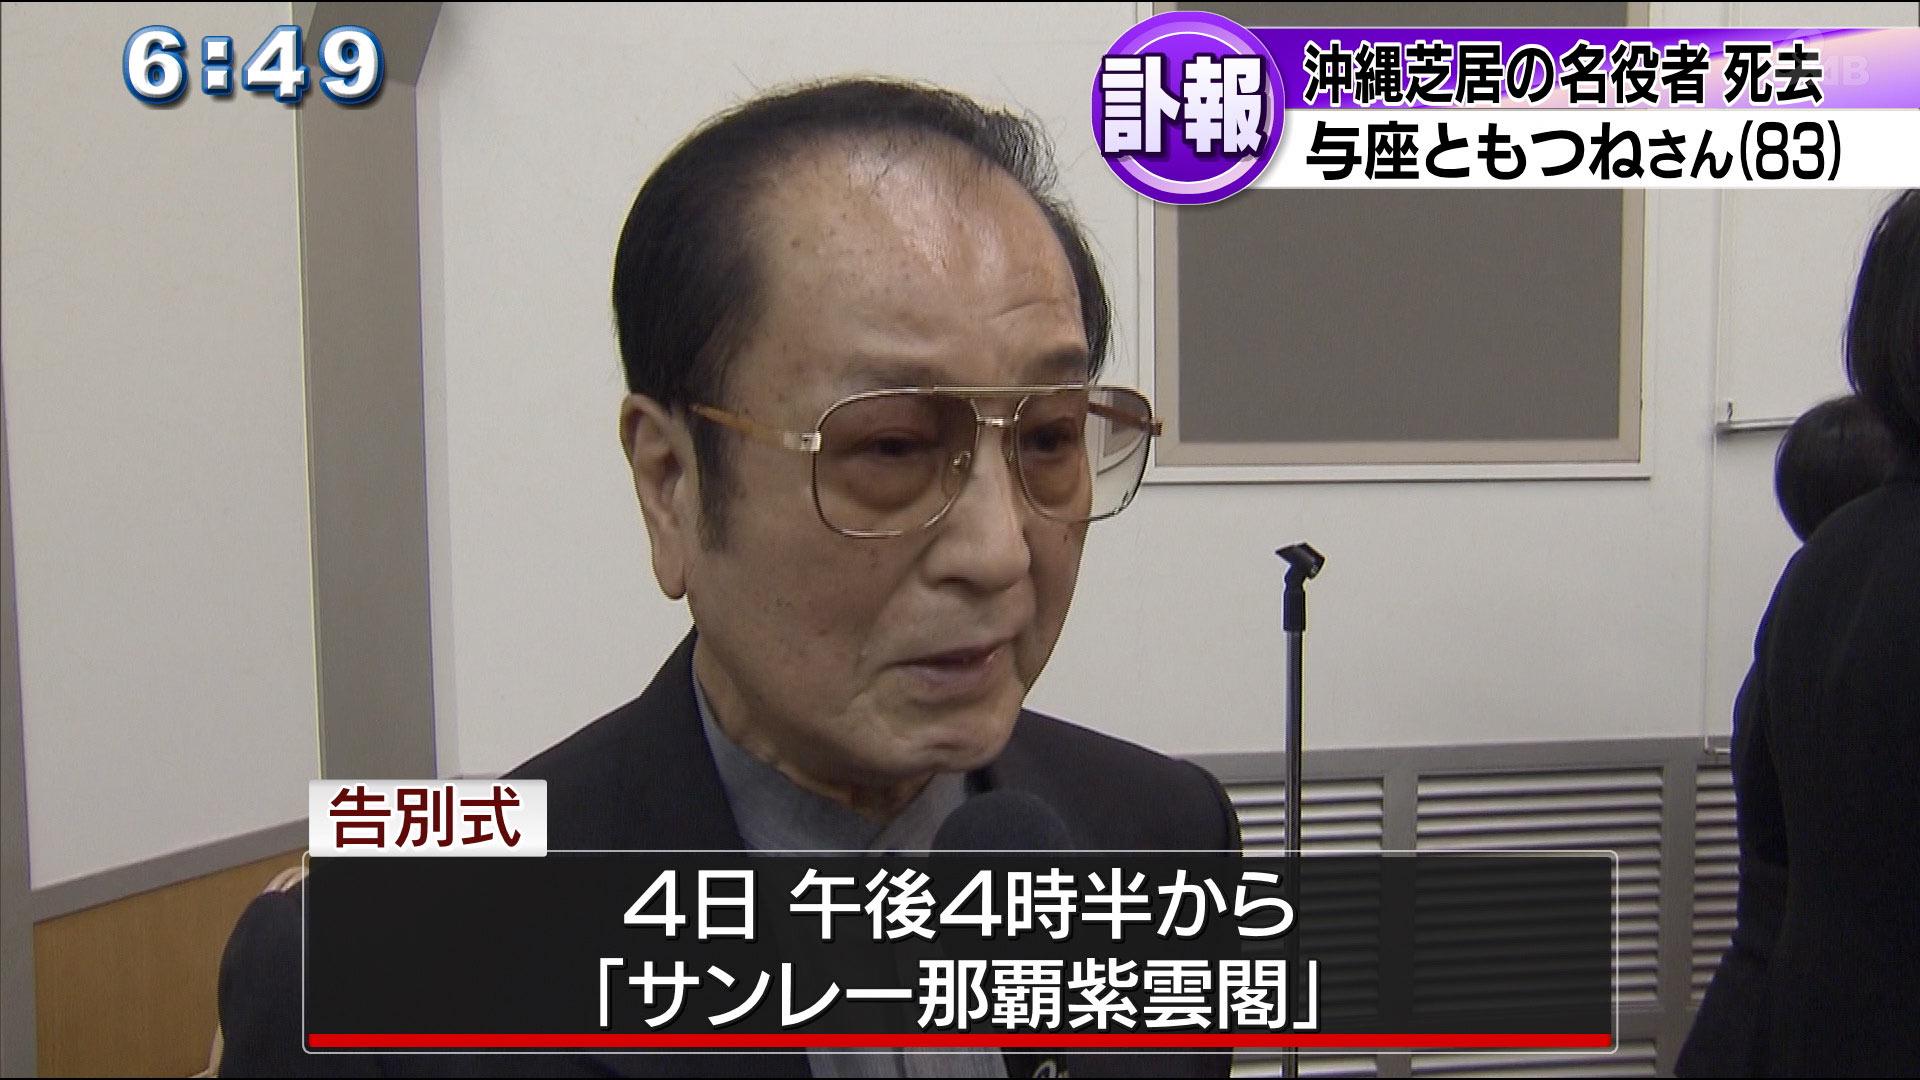 沖縄芝居の人気役者 与座ともつねさん死去(83)